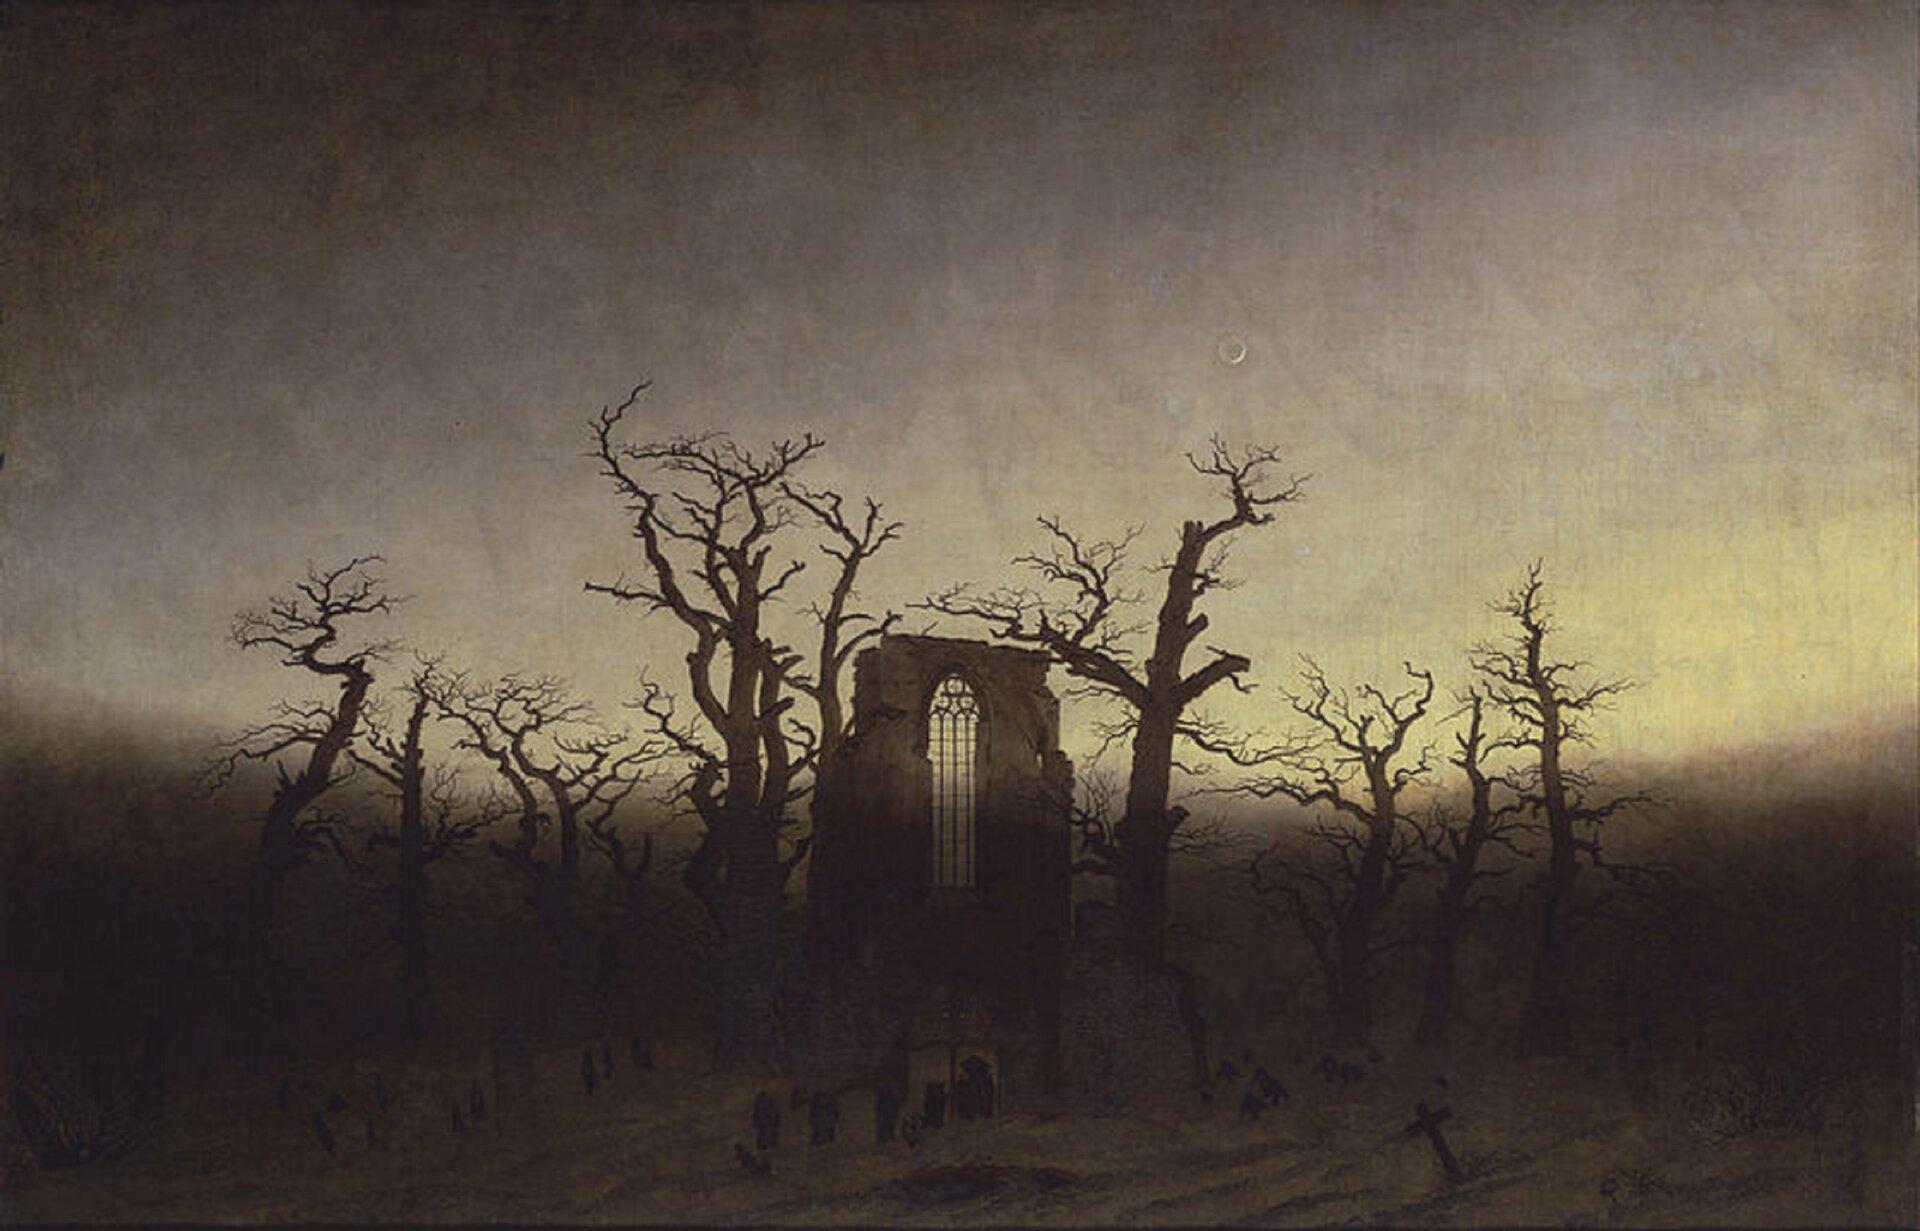 """Ilustracja okształcie poziomego prostokąta przedstawia obraz Caspara Davida Friedricha """"Opactwo wdębowym lesie"""". Ukazuje pejzaż zsuchymi dębami, pośród których stoi gotycka brama. Znajduje się ona wcentrum obrazu. zamknięta jest łukiem ostrym.  Dolna część dzieła jest ciemna, dominują wniej brązy. Górna to niebo ożółto-fioletowo-brązowych barwach."""